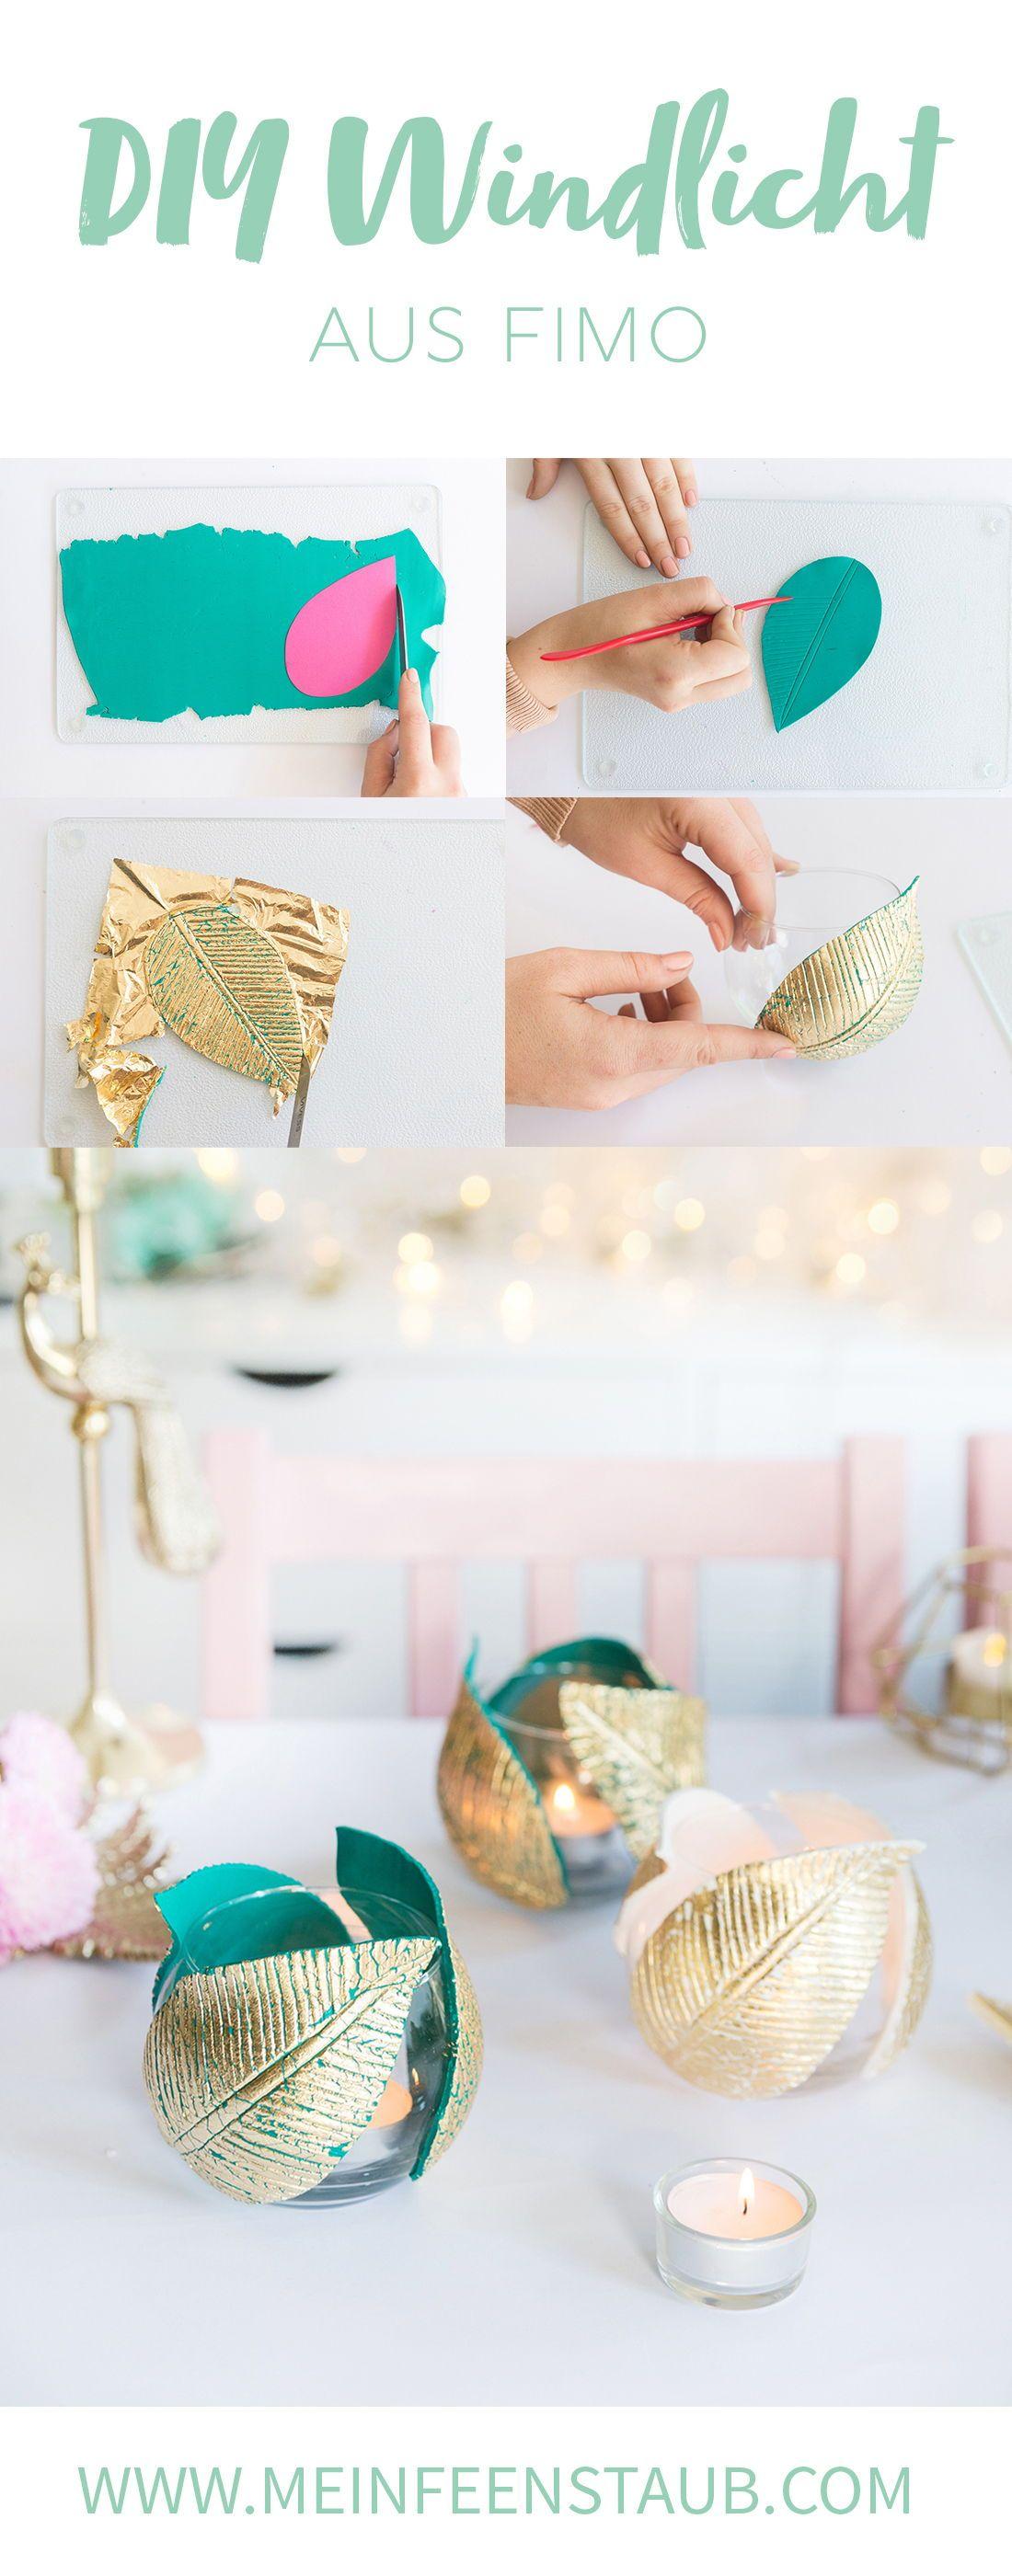 Diy: Windlicht Mit Fimo-Blättern & Blattgold DIY: Windlicht mit FIMO-Blättern & Blattgold Makeup Diy Crafts makeup diy crafts